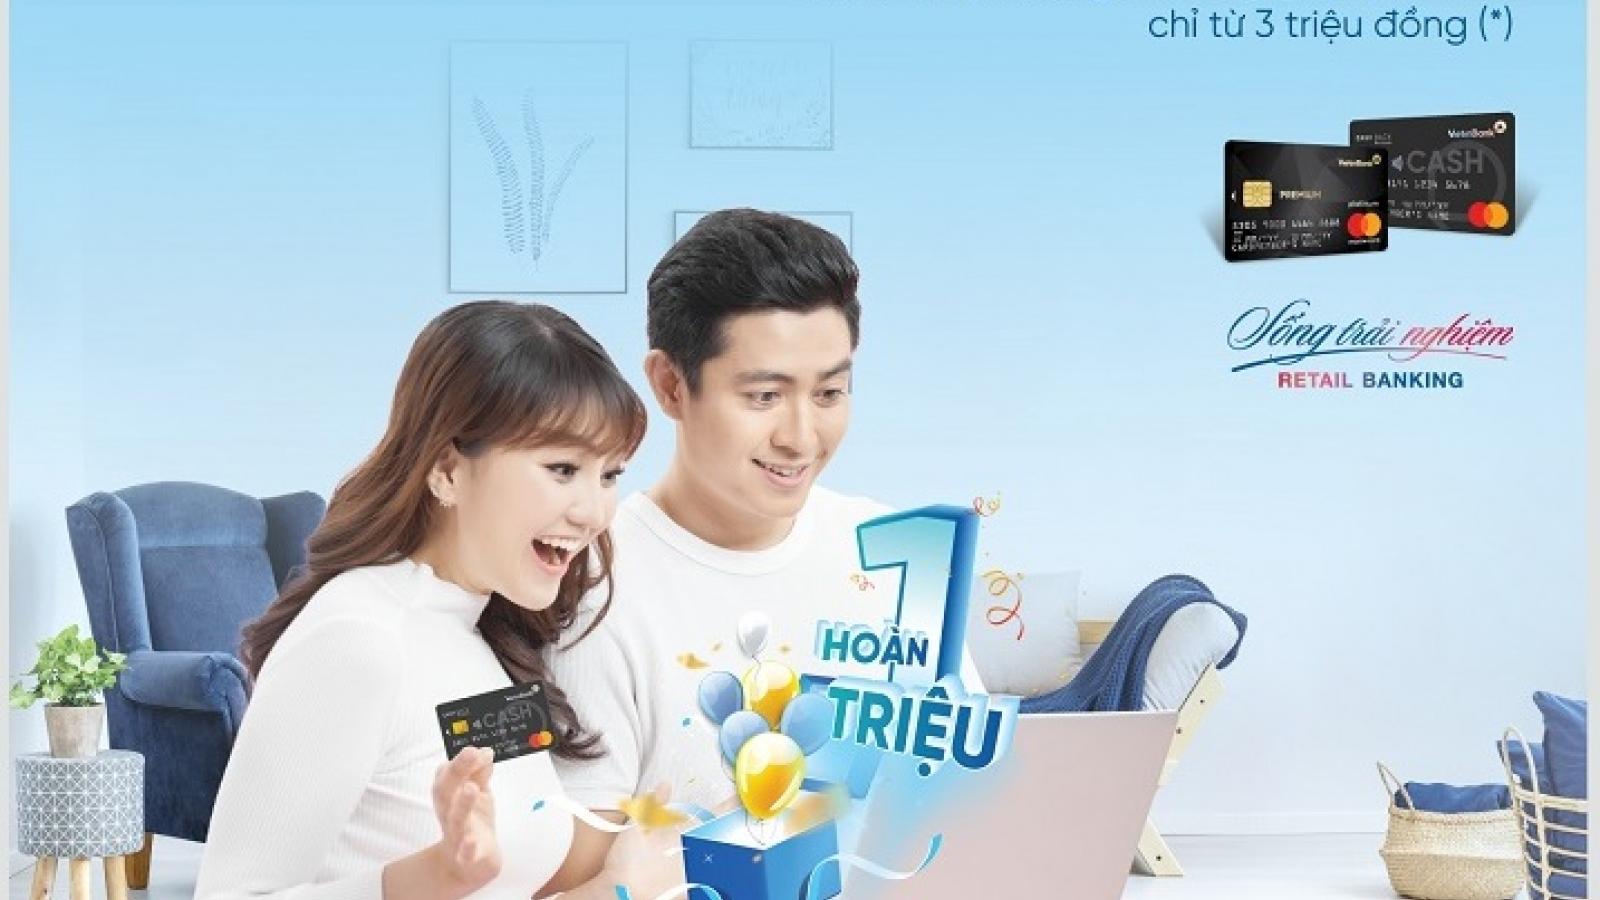 Hoàn tiền lên đến 1.000.000 đồng khi mở thẻ tín dụng quốc tế VietinBank MasterCard